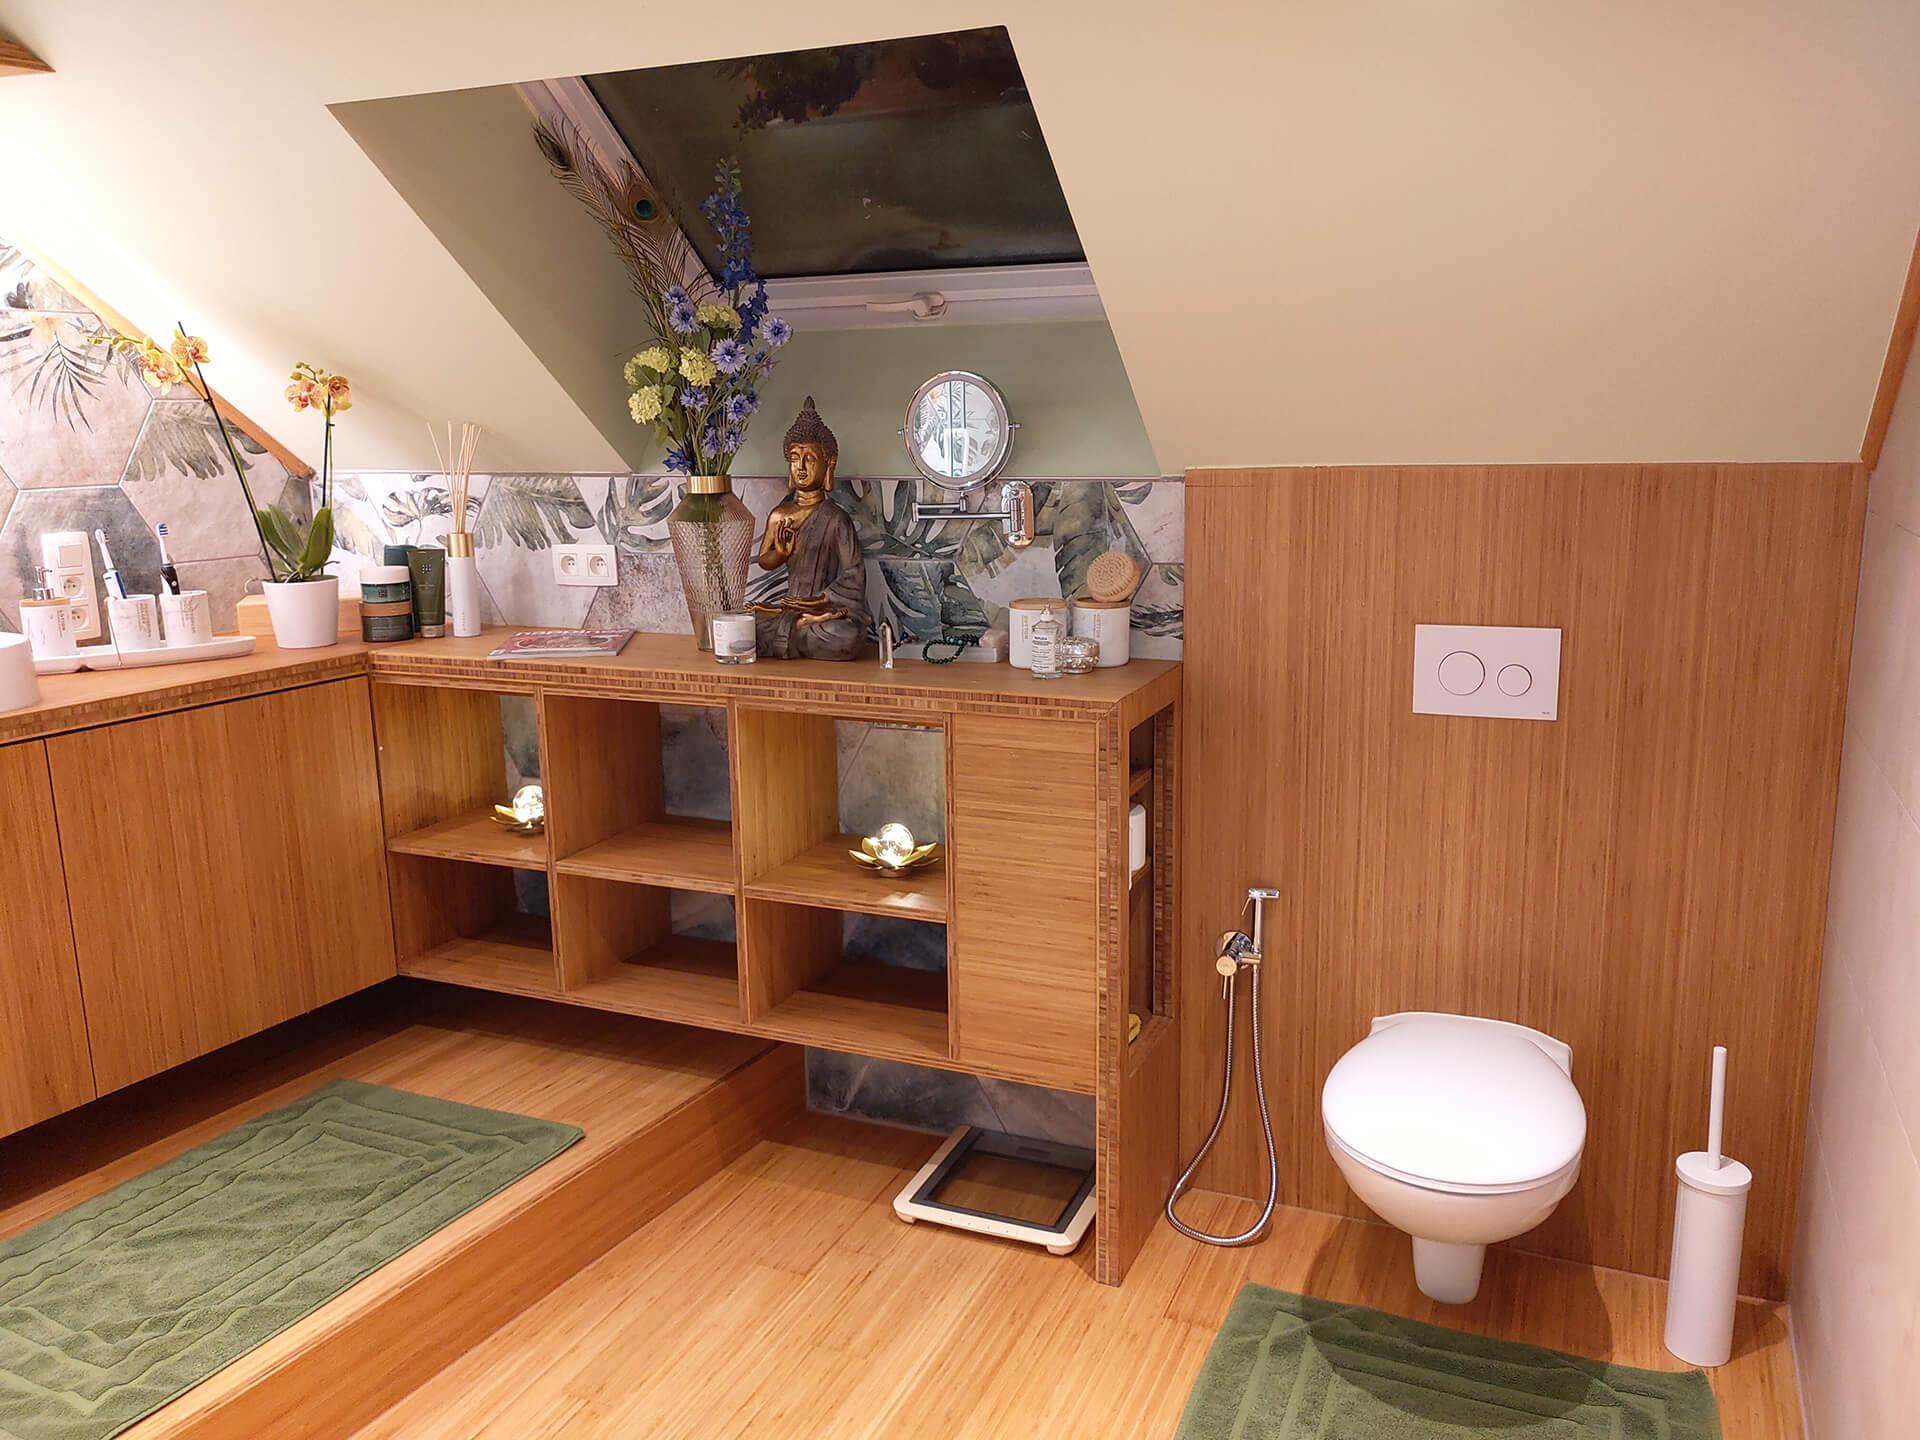 salle-de-bain-2-bo-deco